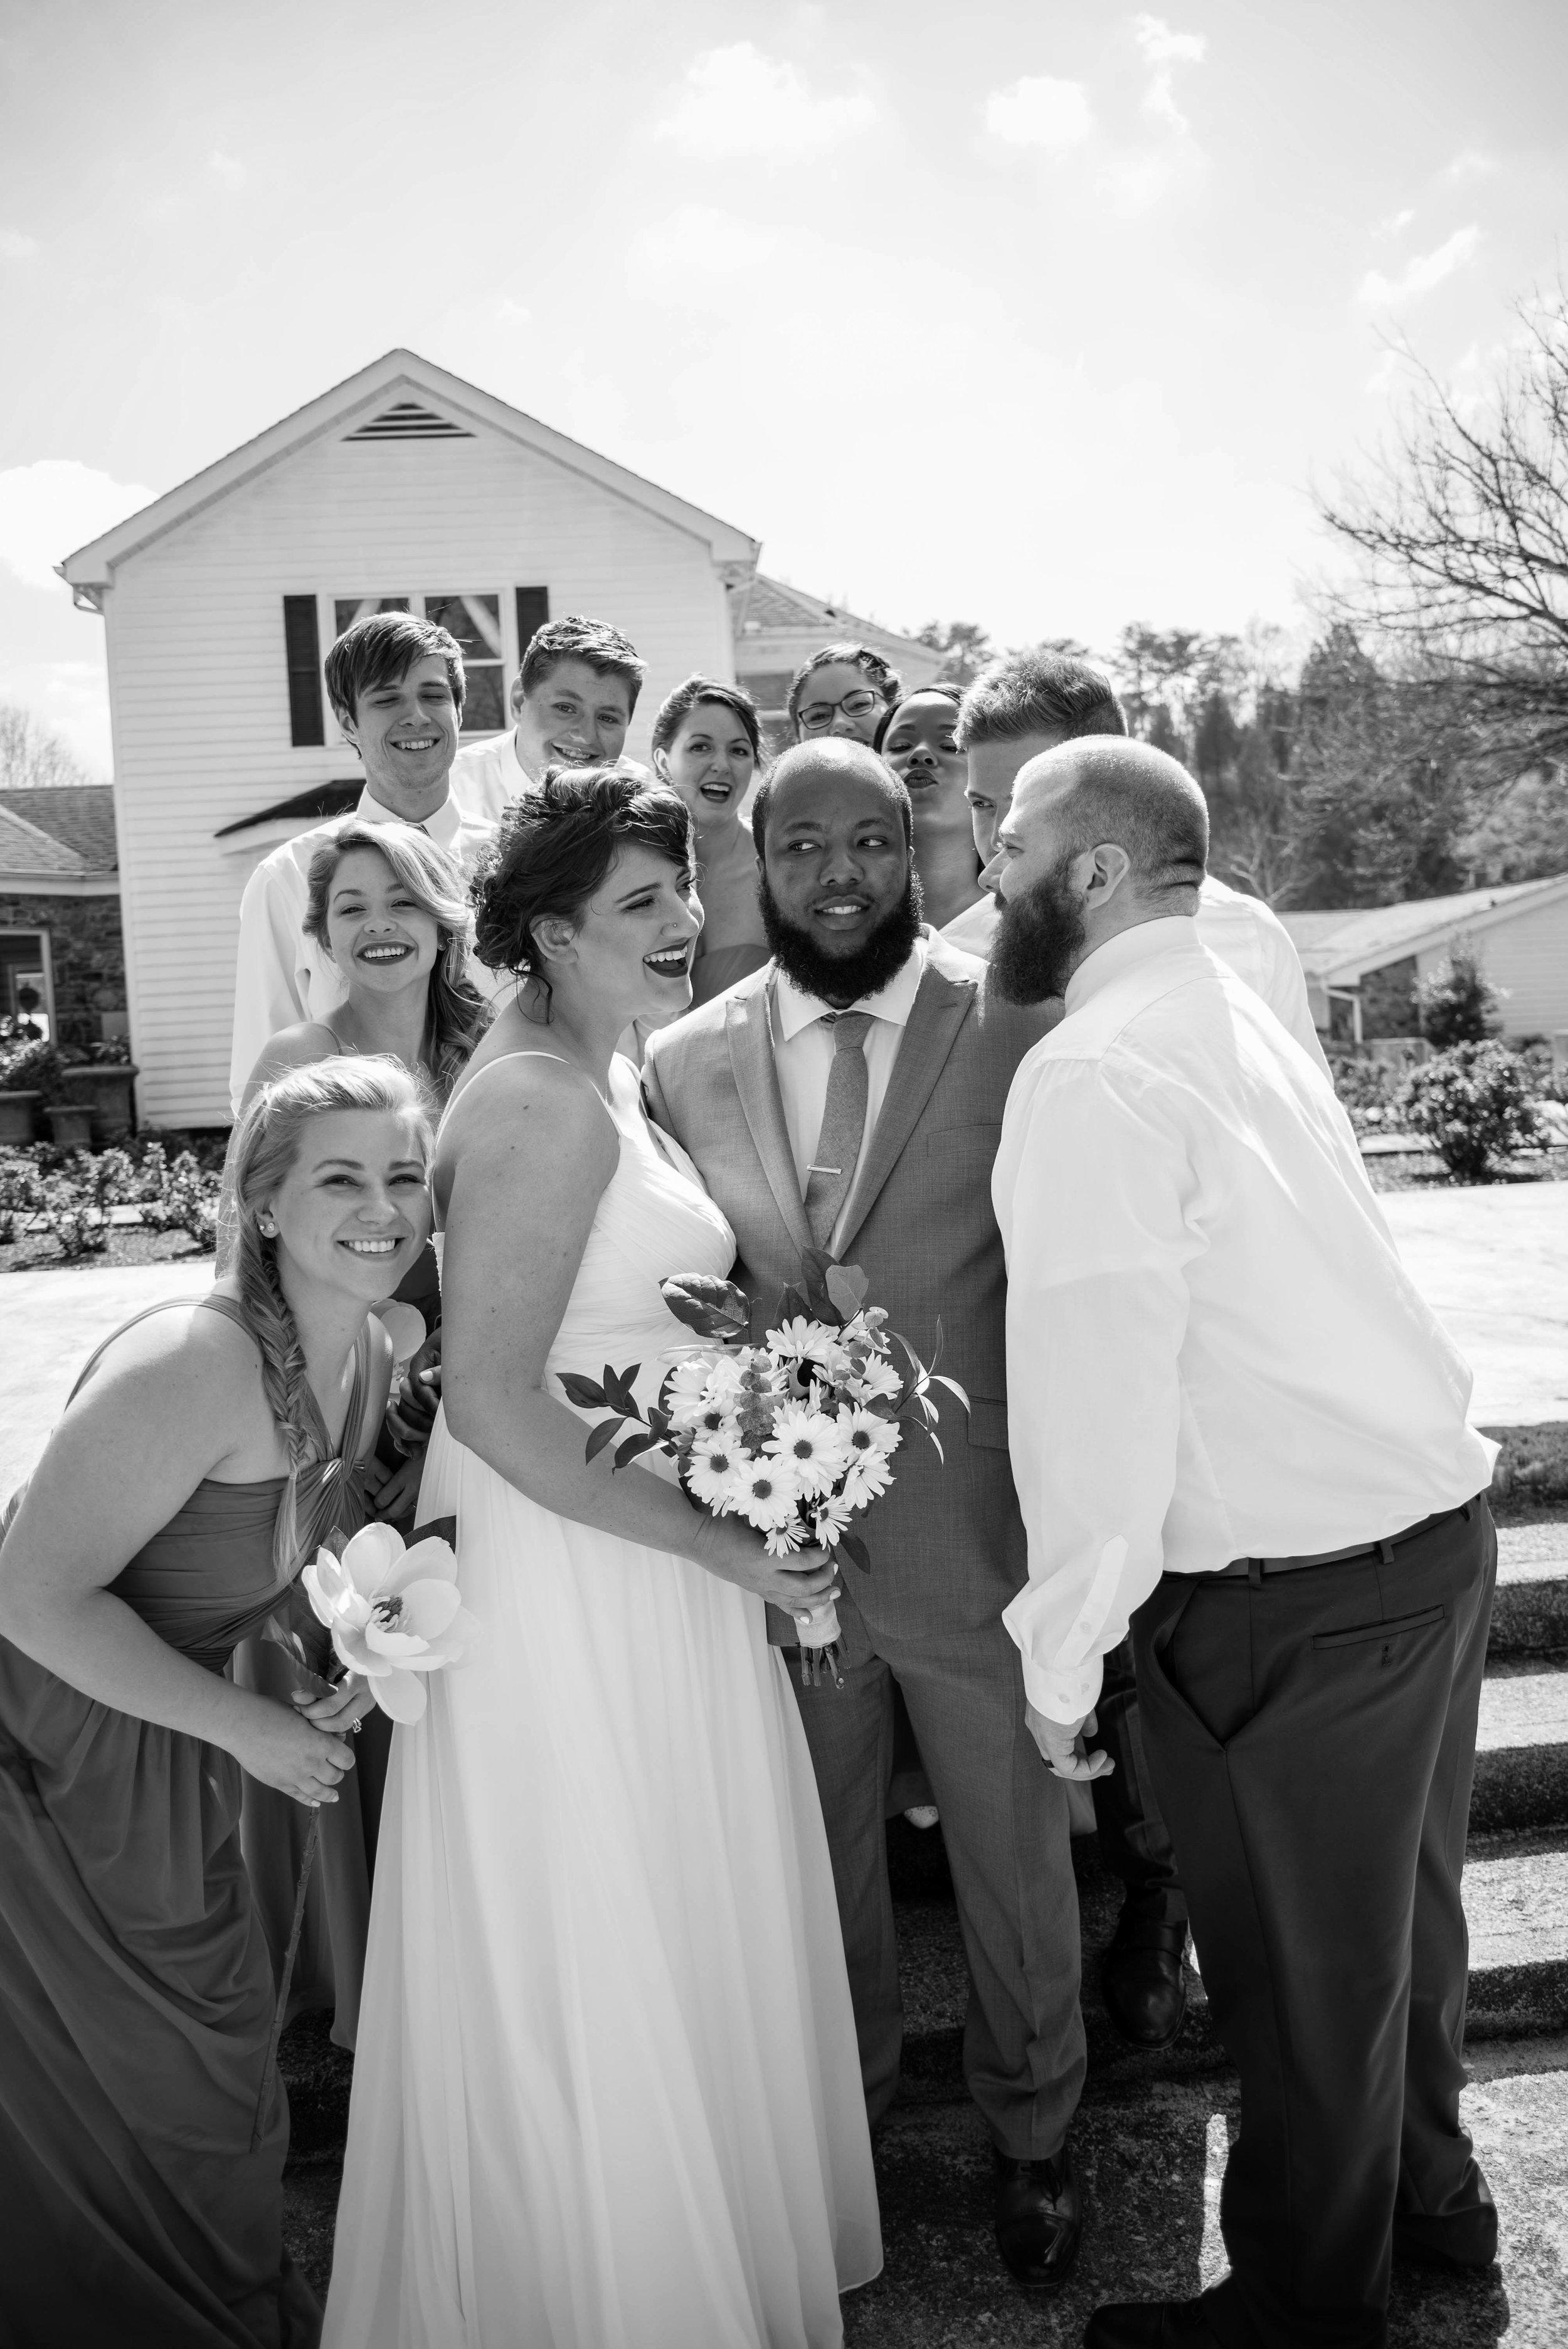 weddingpartyb&w-020.jpg